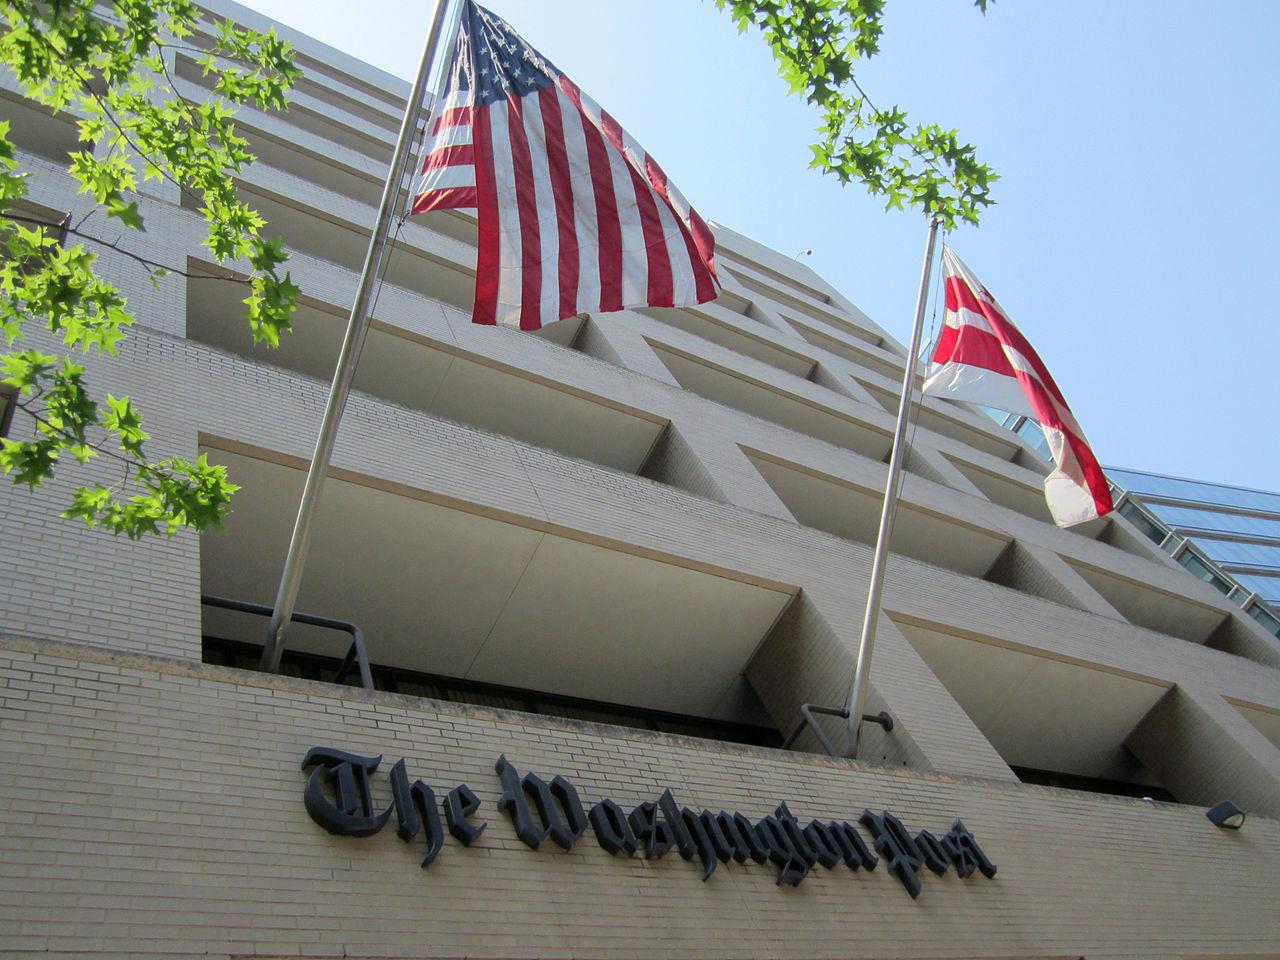 A Washington Post észrevette, hogy már egy éve rossz az algoritmus, ami a bestseller-listájukat számolja